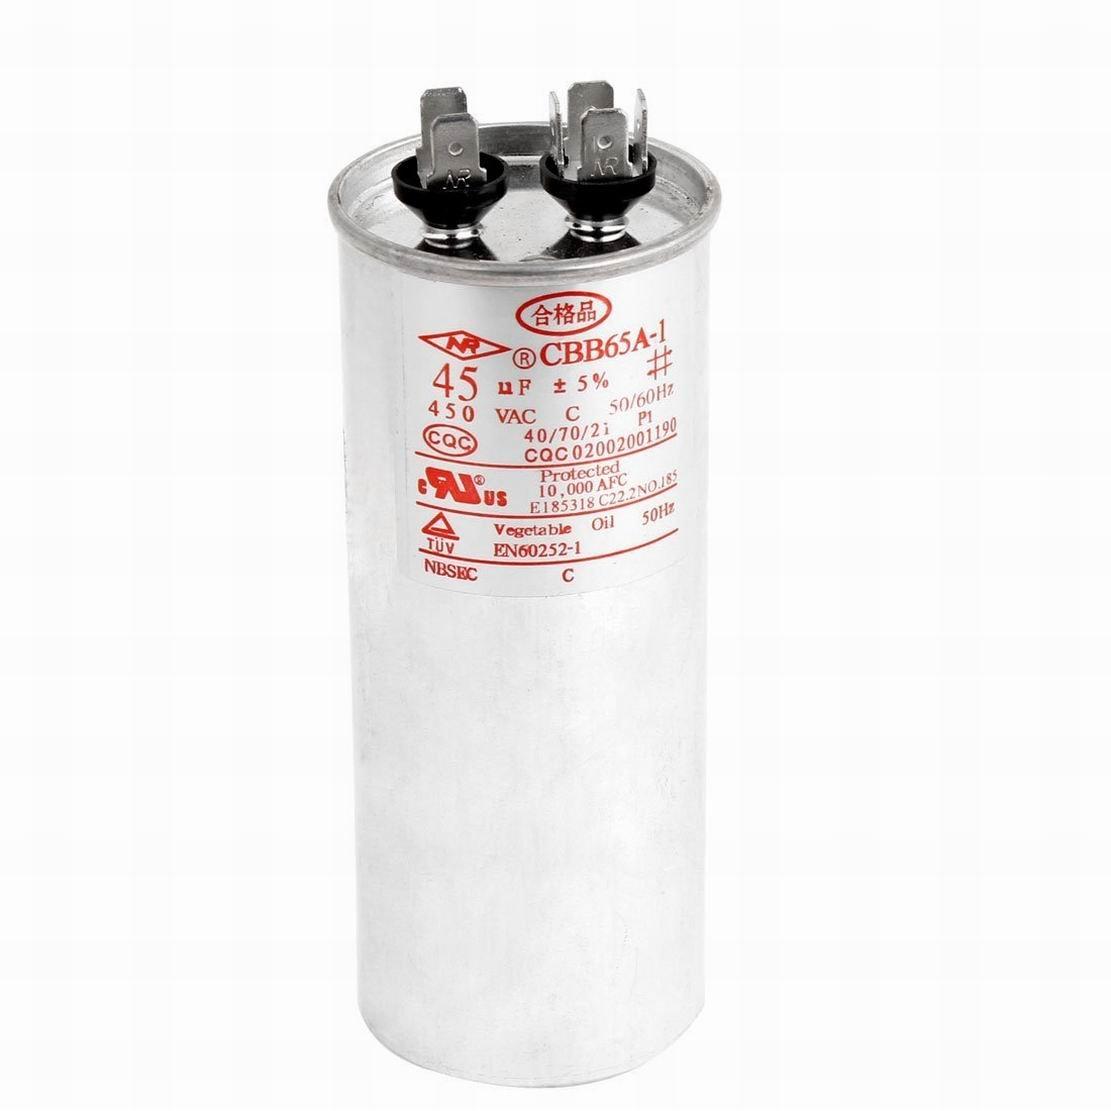 Ugtell Cbb65 Motor Capacitor, AC 450V, 35Uf, 50/60Hz, 40/70/21 for air conditioner, refrigerators (45Uf)